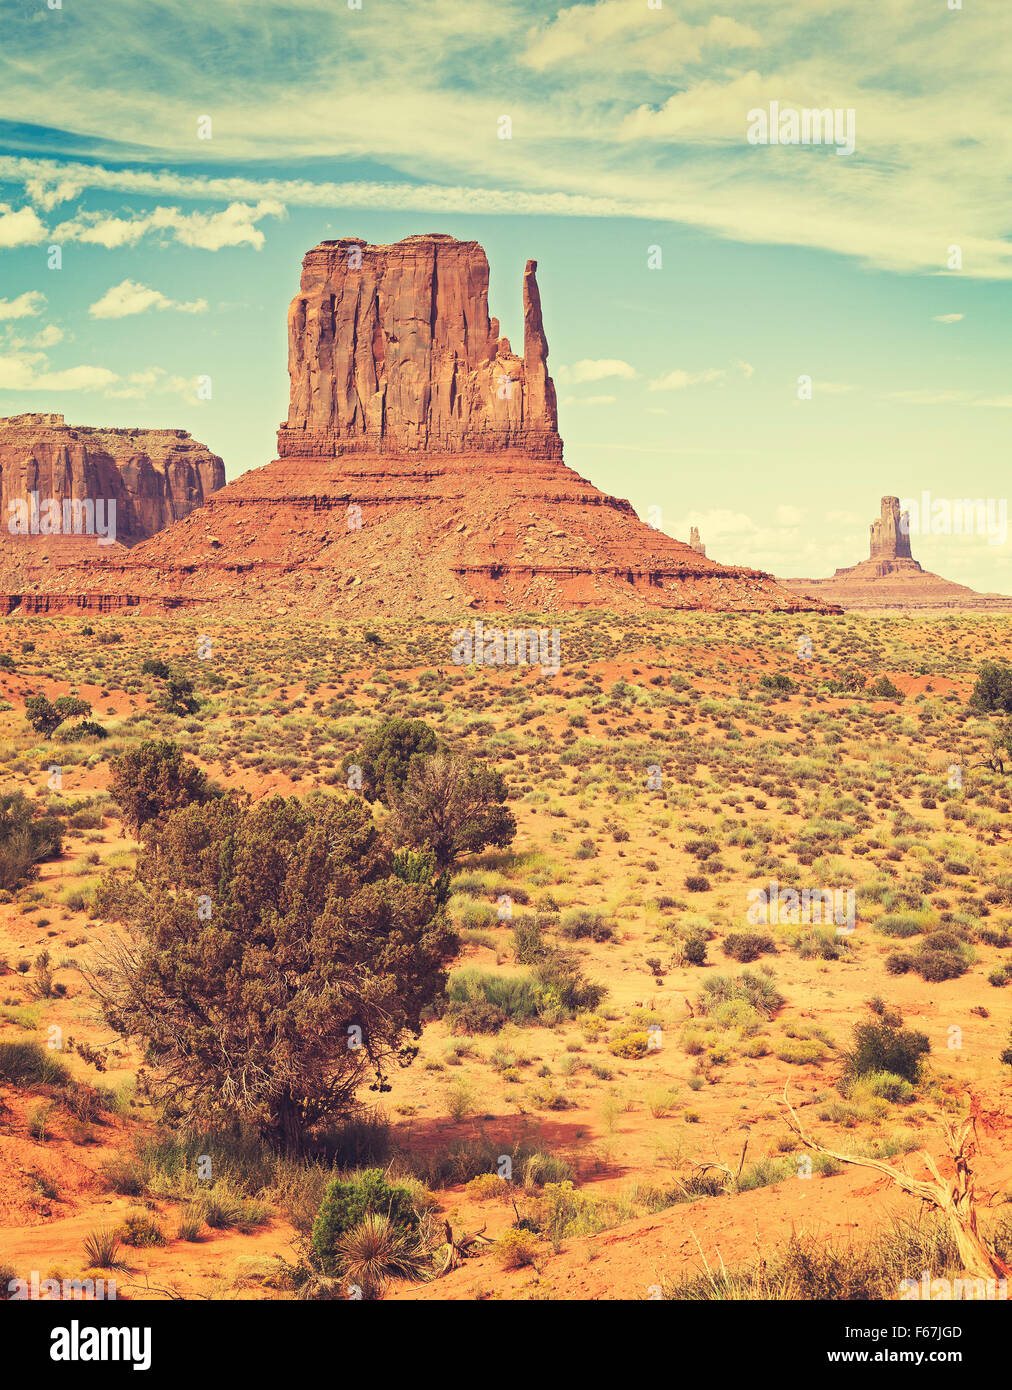 Retro estilo película antigua foto de Monument Valley, Utah, EE.UU.. Imagen De Stock